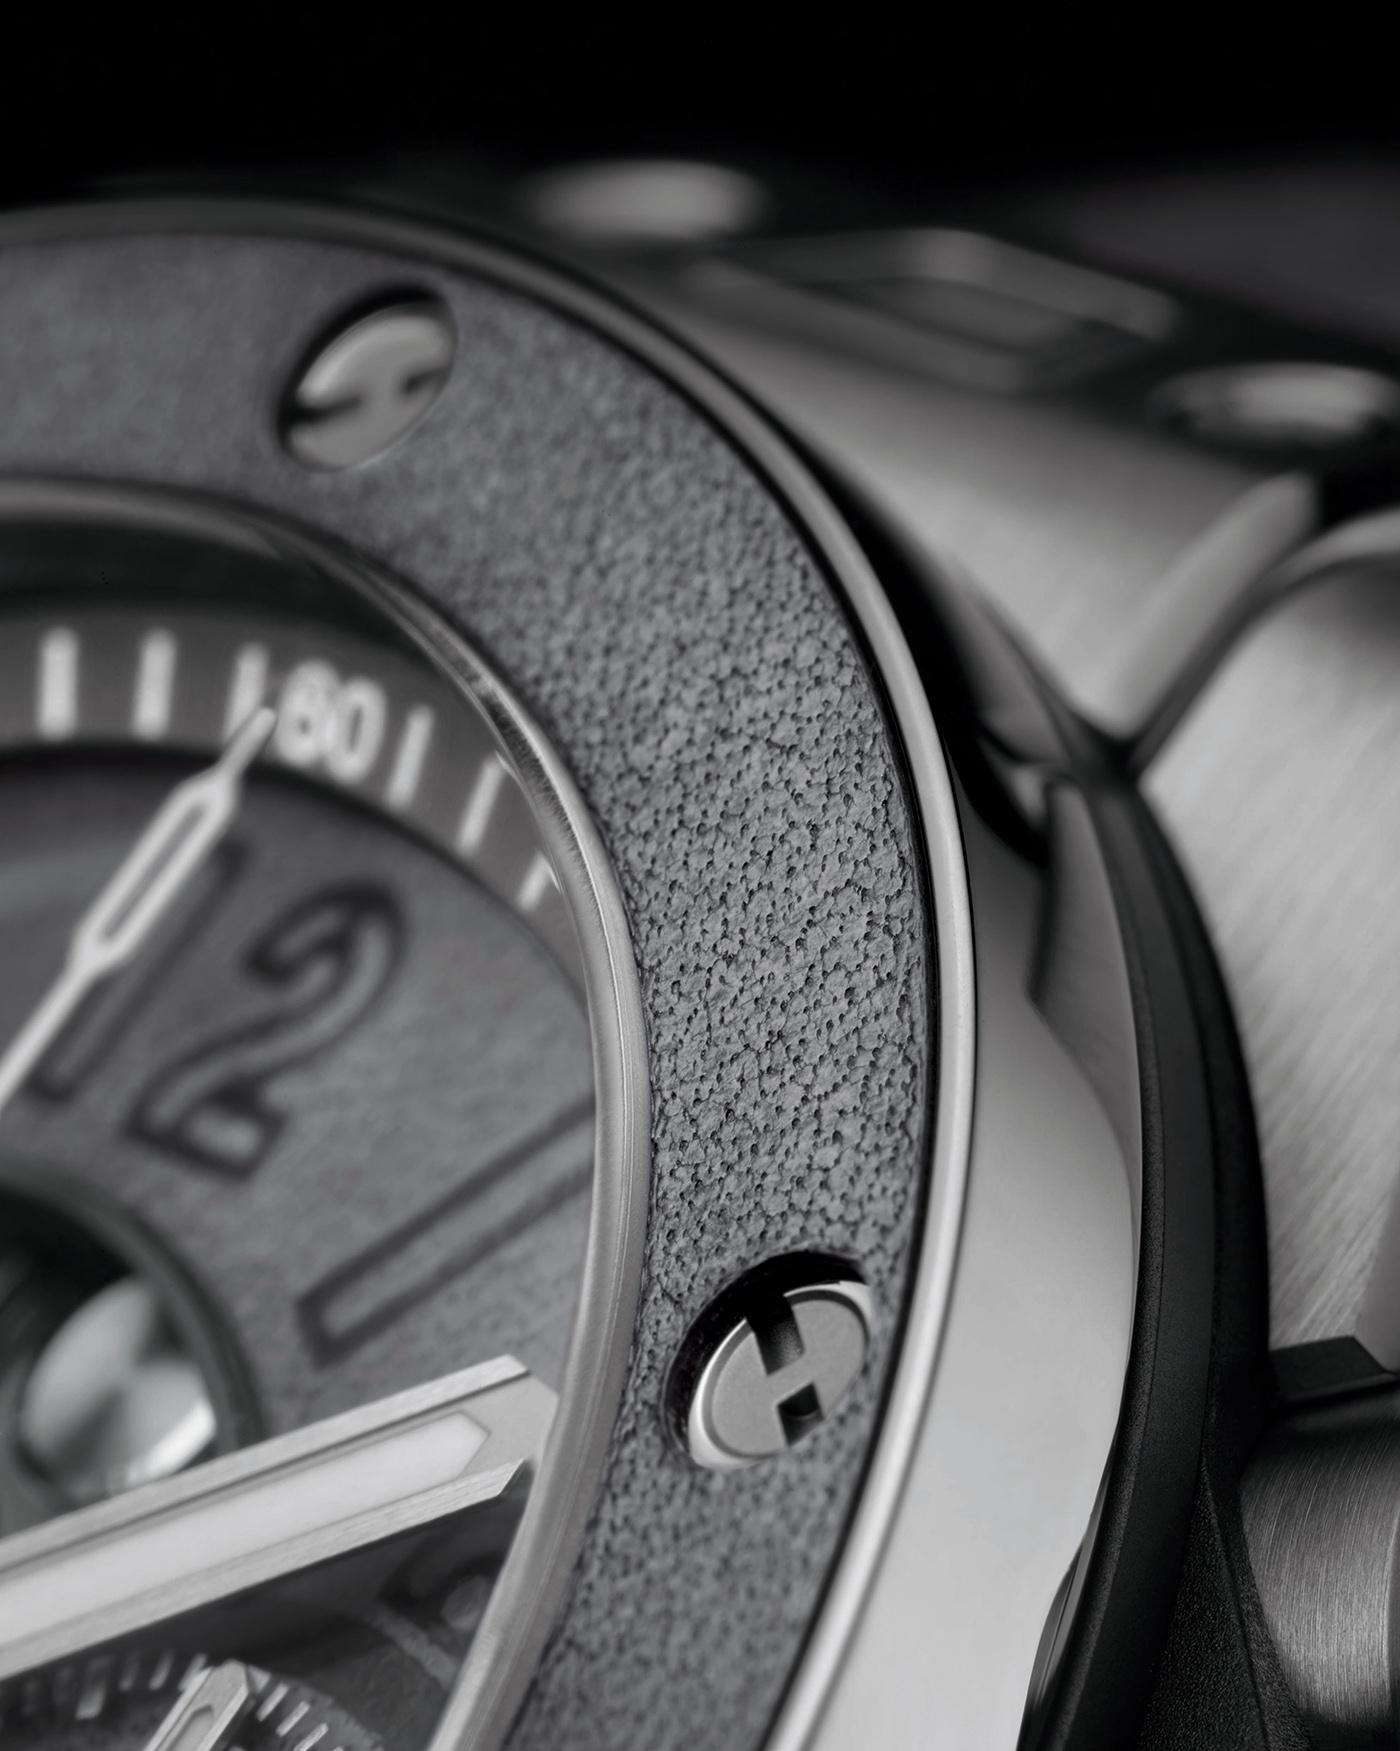 Hublot выпускает ограниченную серию часов Big Bang Unico Berluti Aluminio